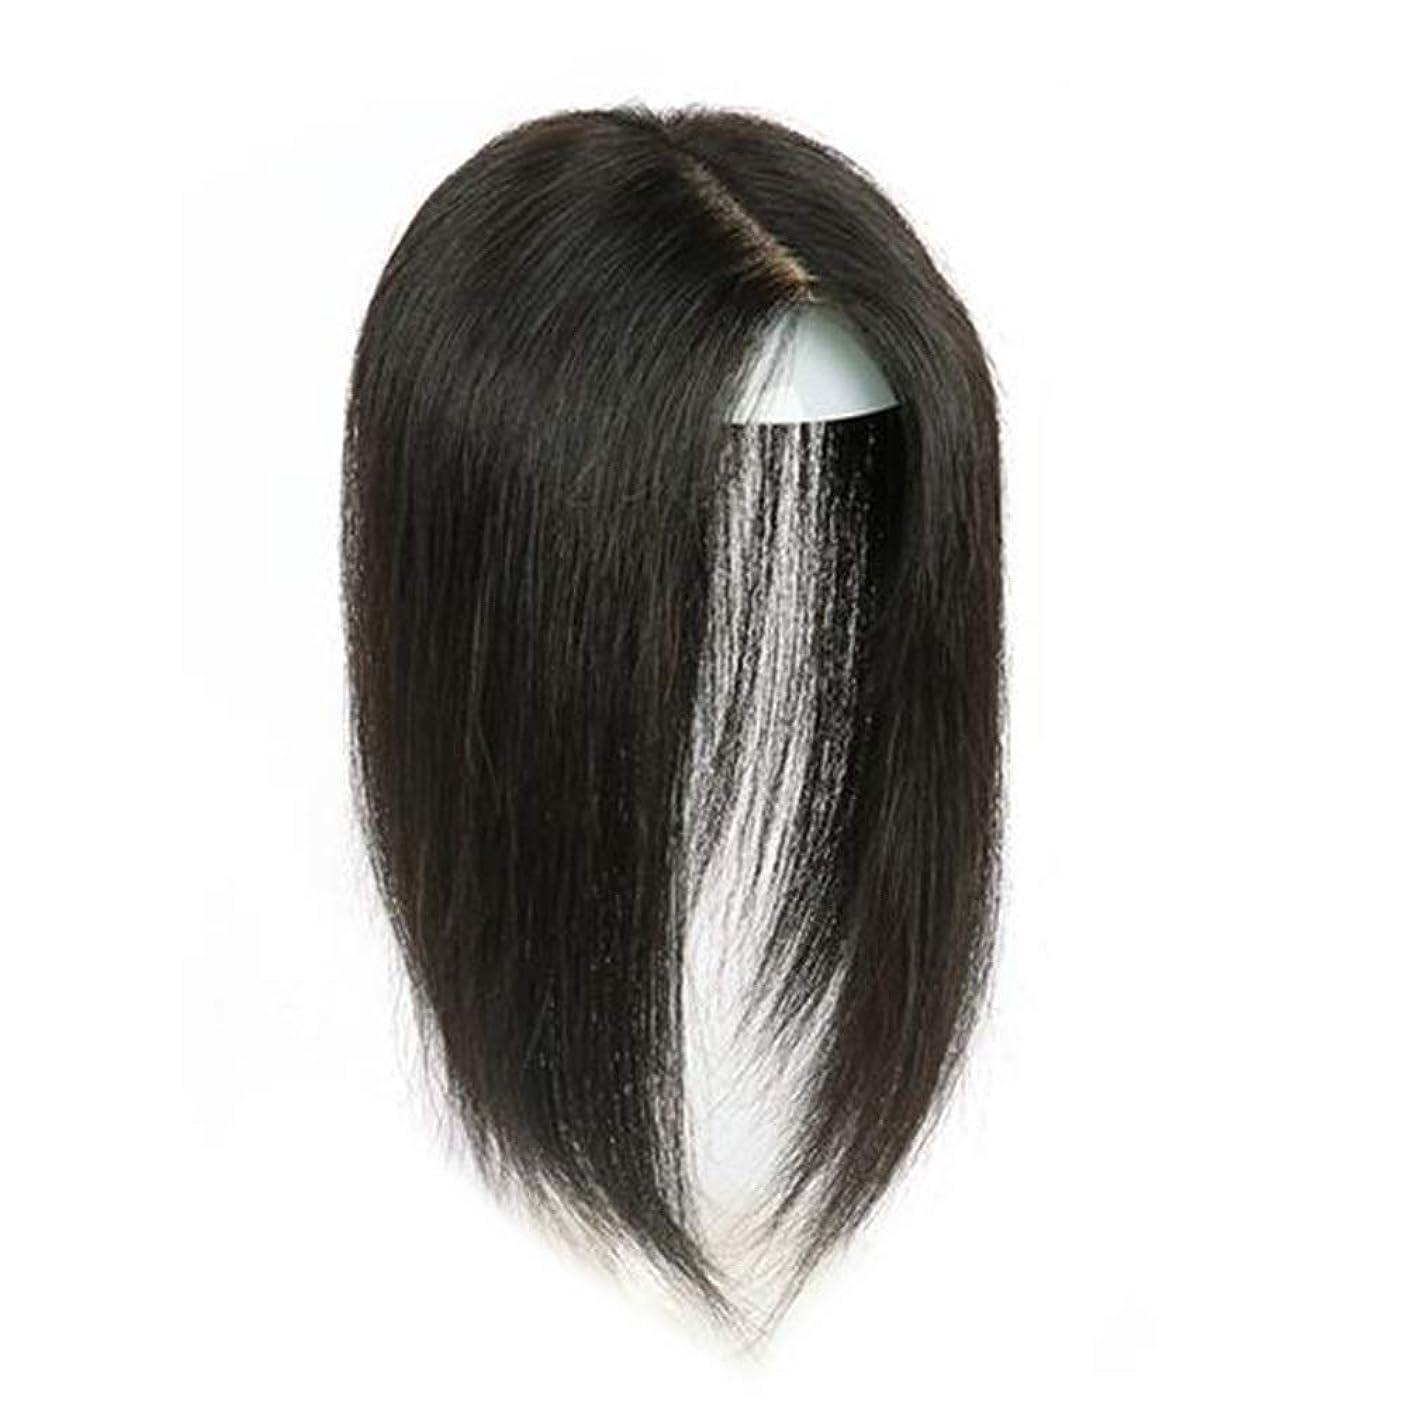 好む毎日パケットBOBIDYEE ナチュラルカラーストレートヘアダブルハンドヘアピース手織りリアルヘアウィッグ女性の日常的なドレス複合ヘアレースウィッグロールプレイングウィッグロングとショートの女性自然 (色 : Natural color, サイズ : 25cm)